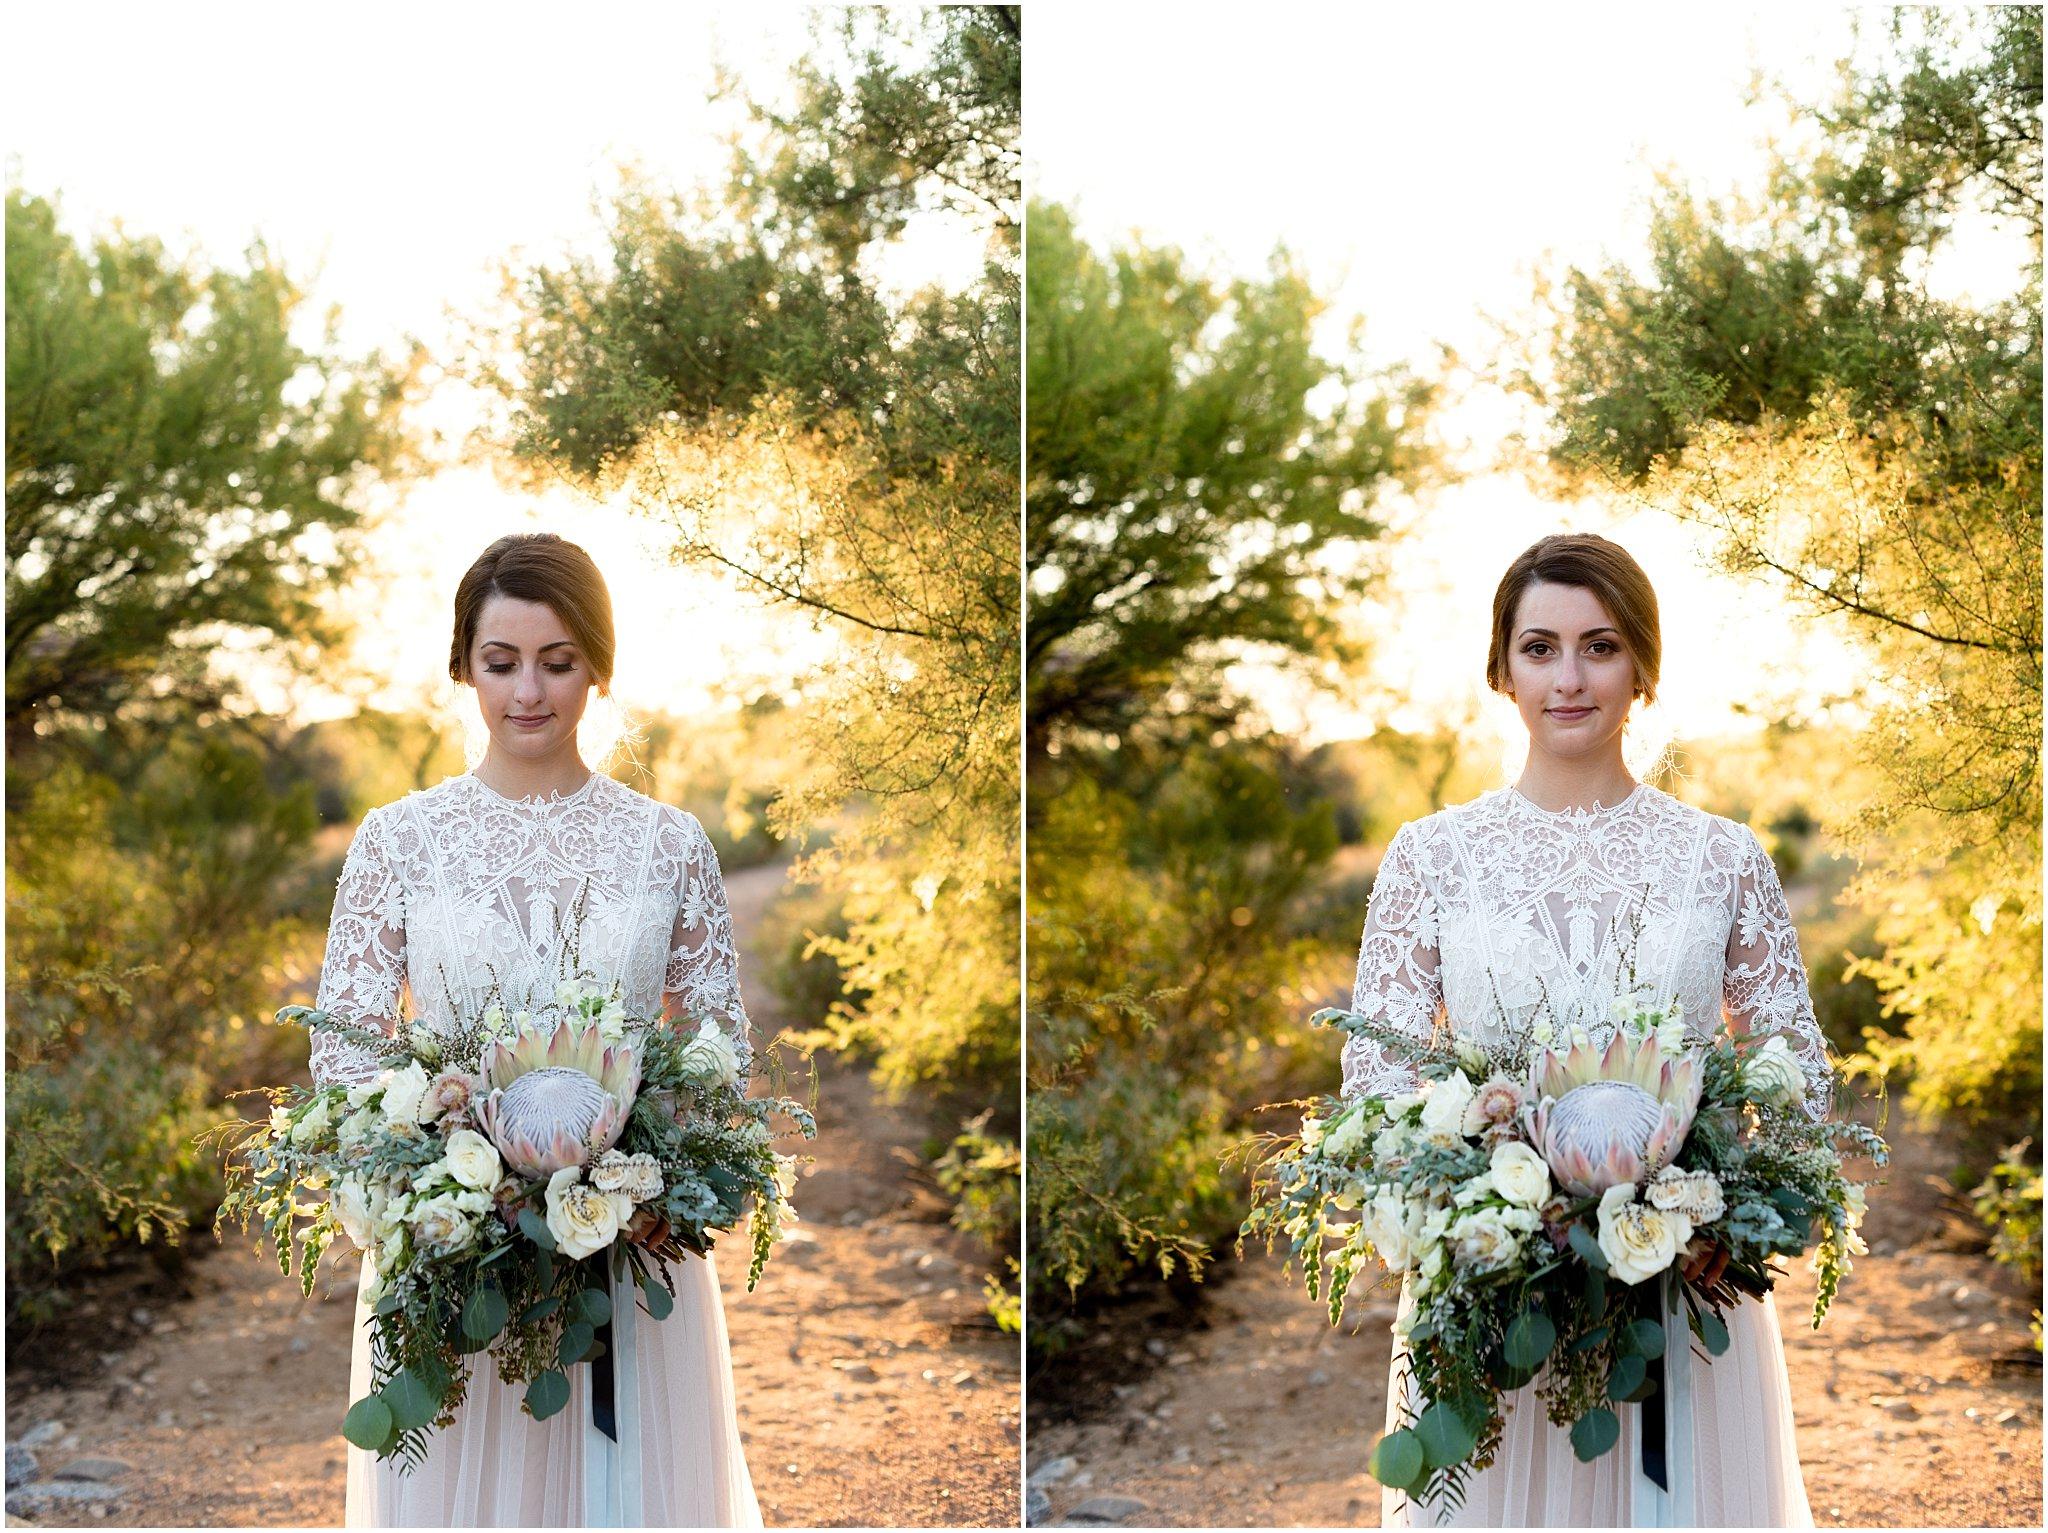 Desert Boho Bride